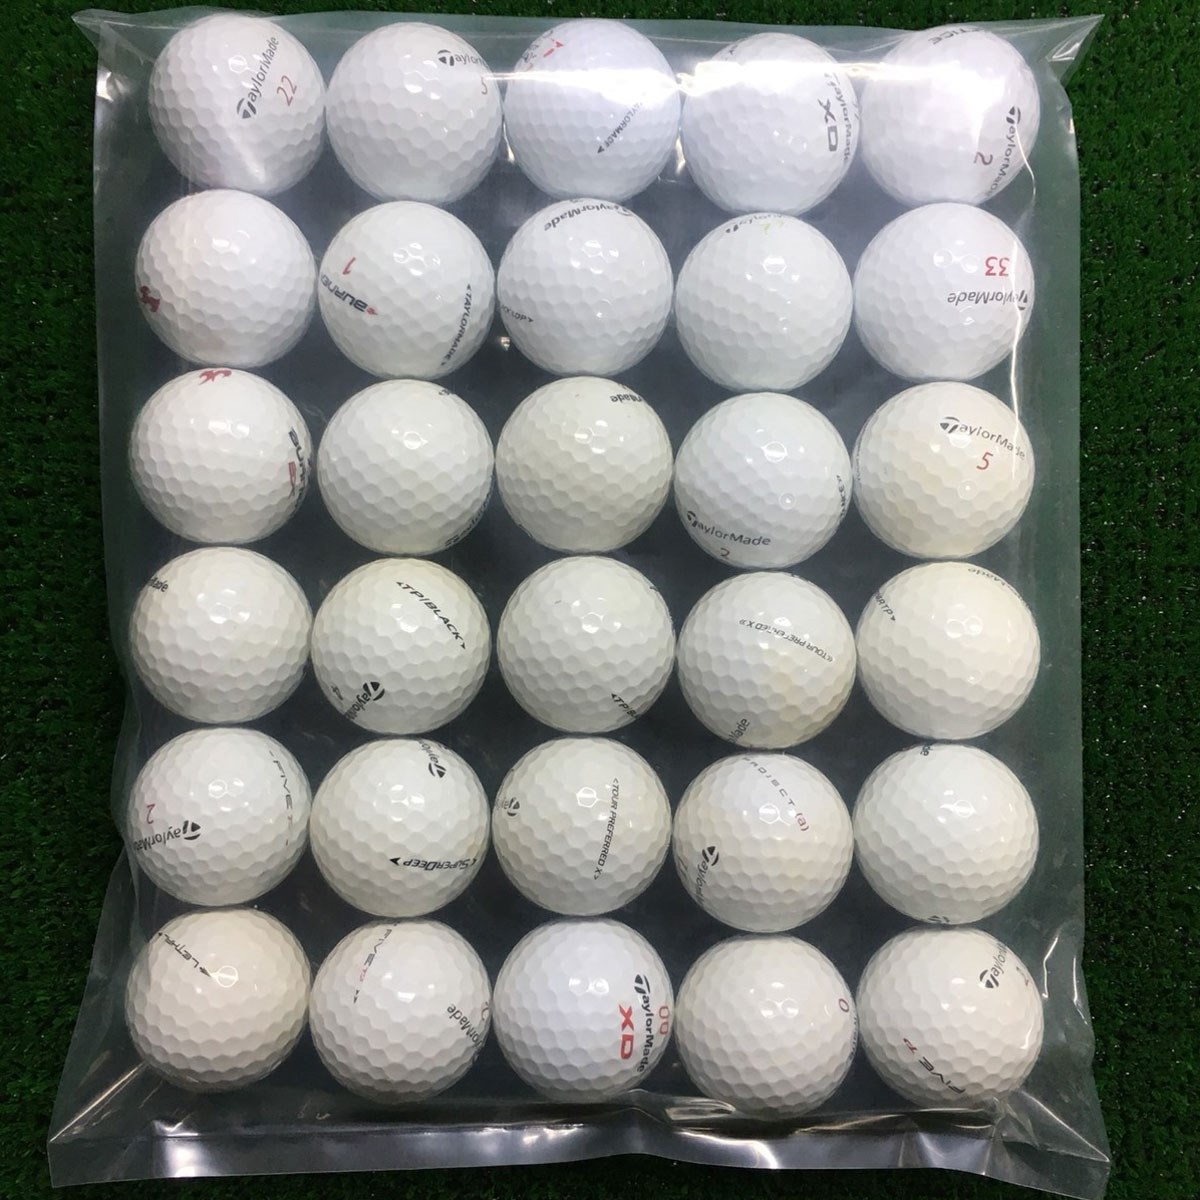 ロストボール テーラーメイド 混合 ボール 30個セット